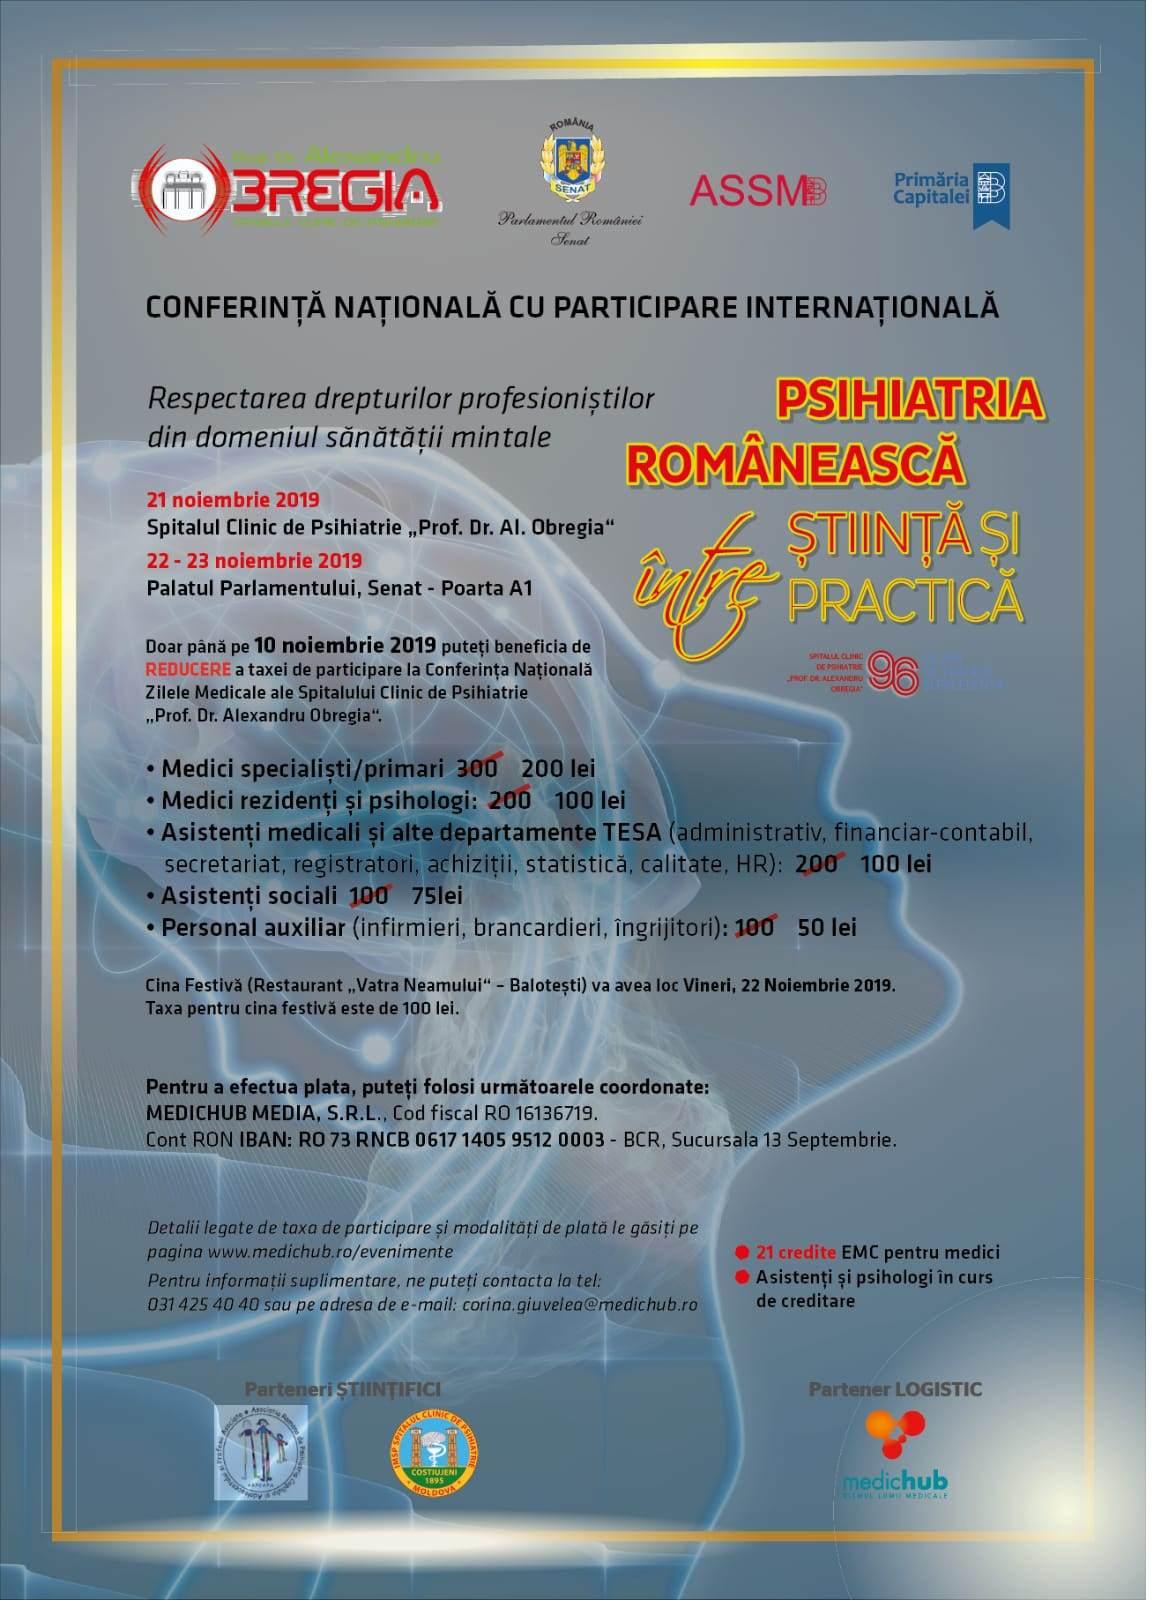 Conferință cu participare internațională: Psihiatria românească, între știință și practică